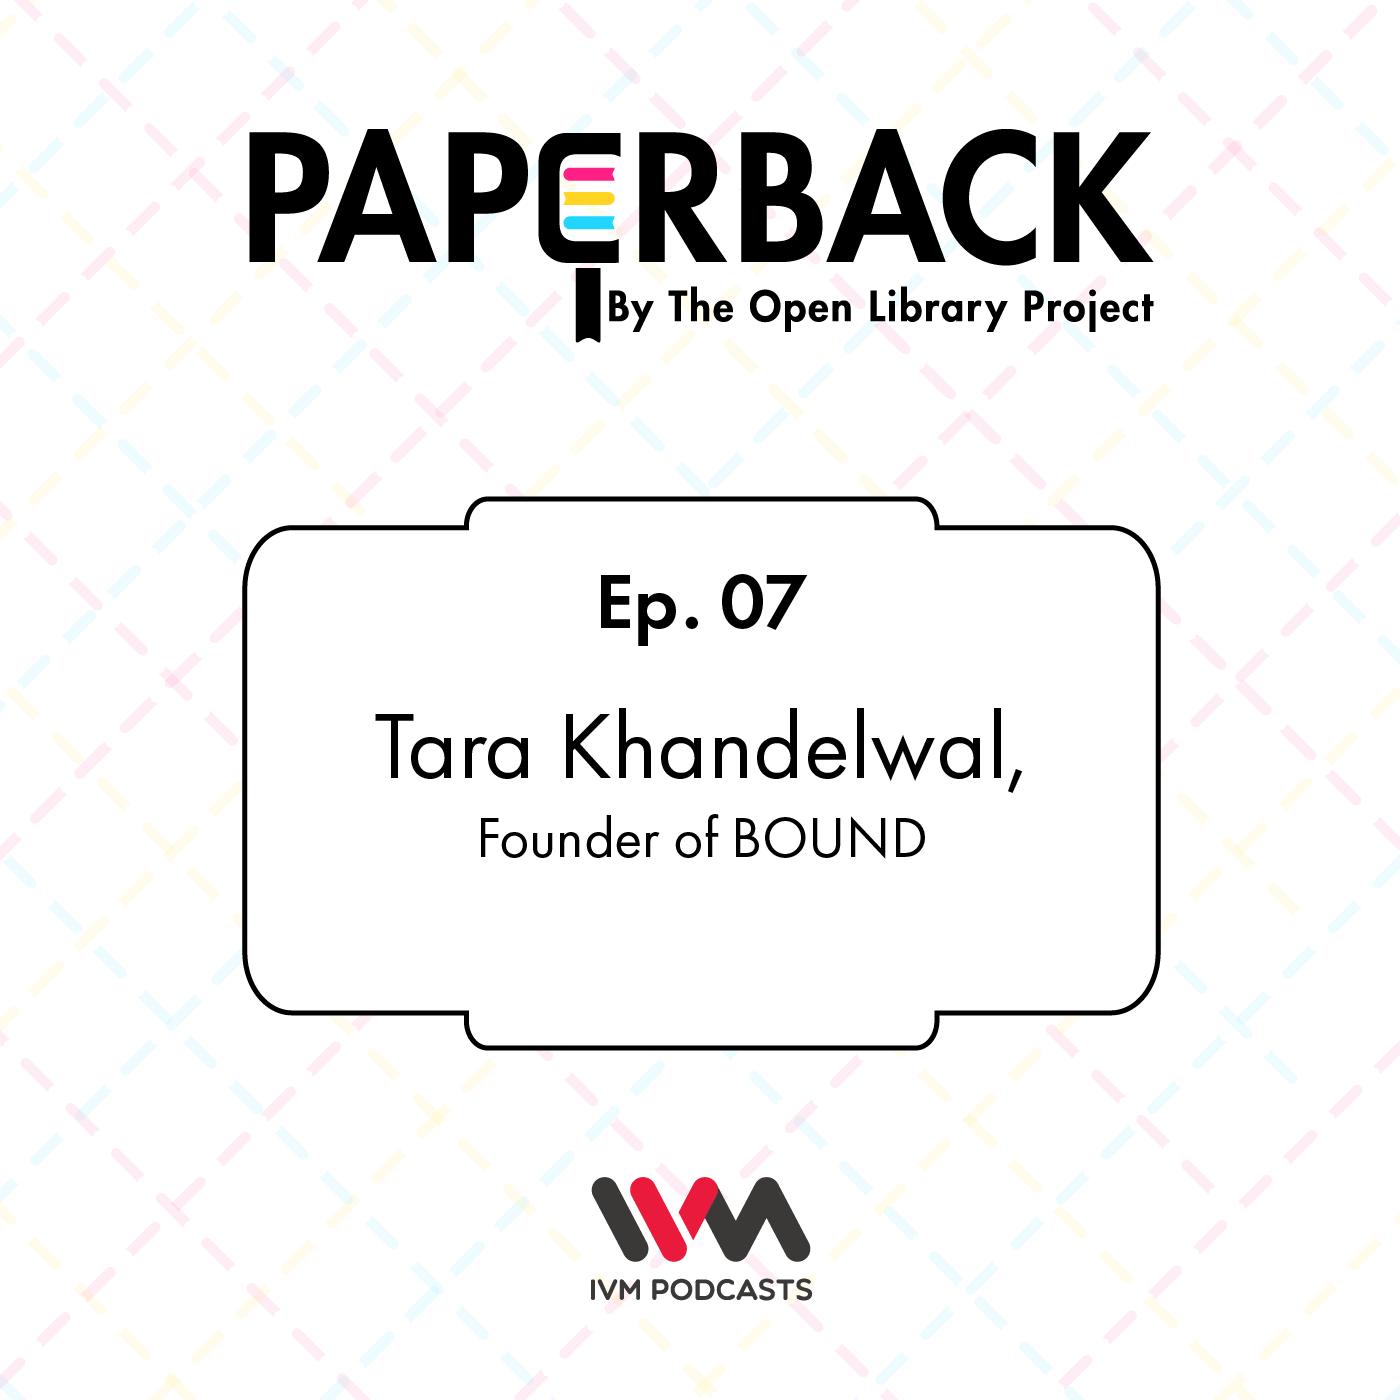 Ep. 07: Tara Khandelwal